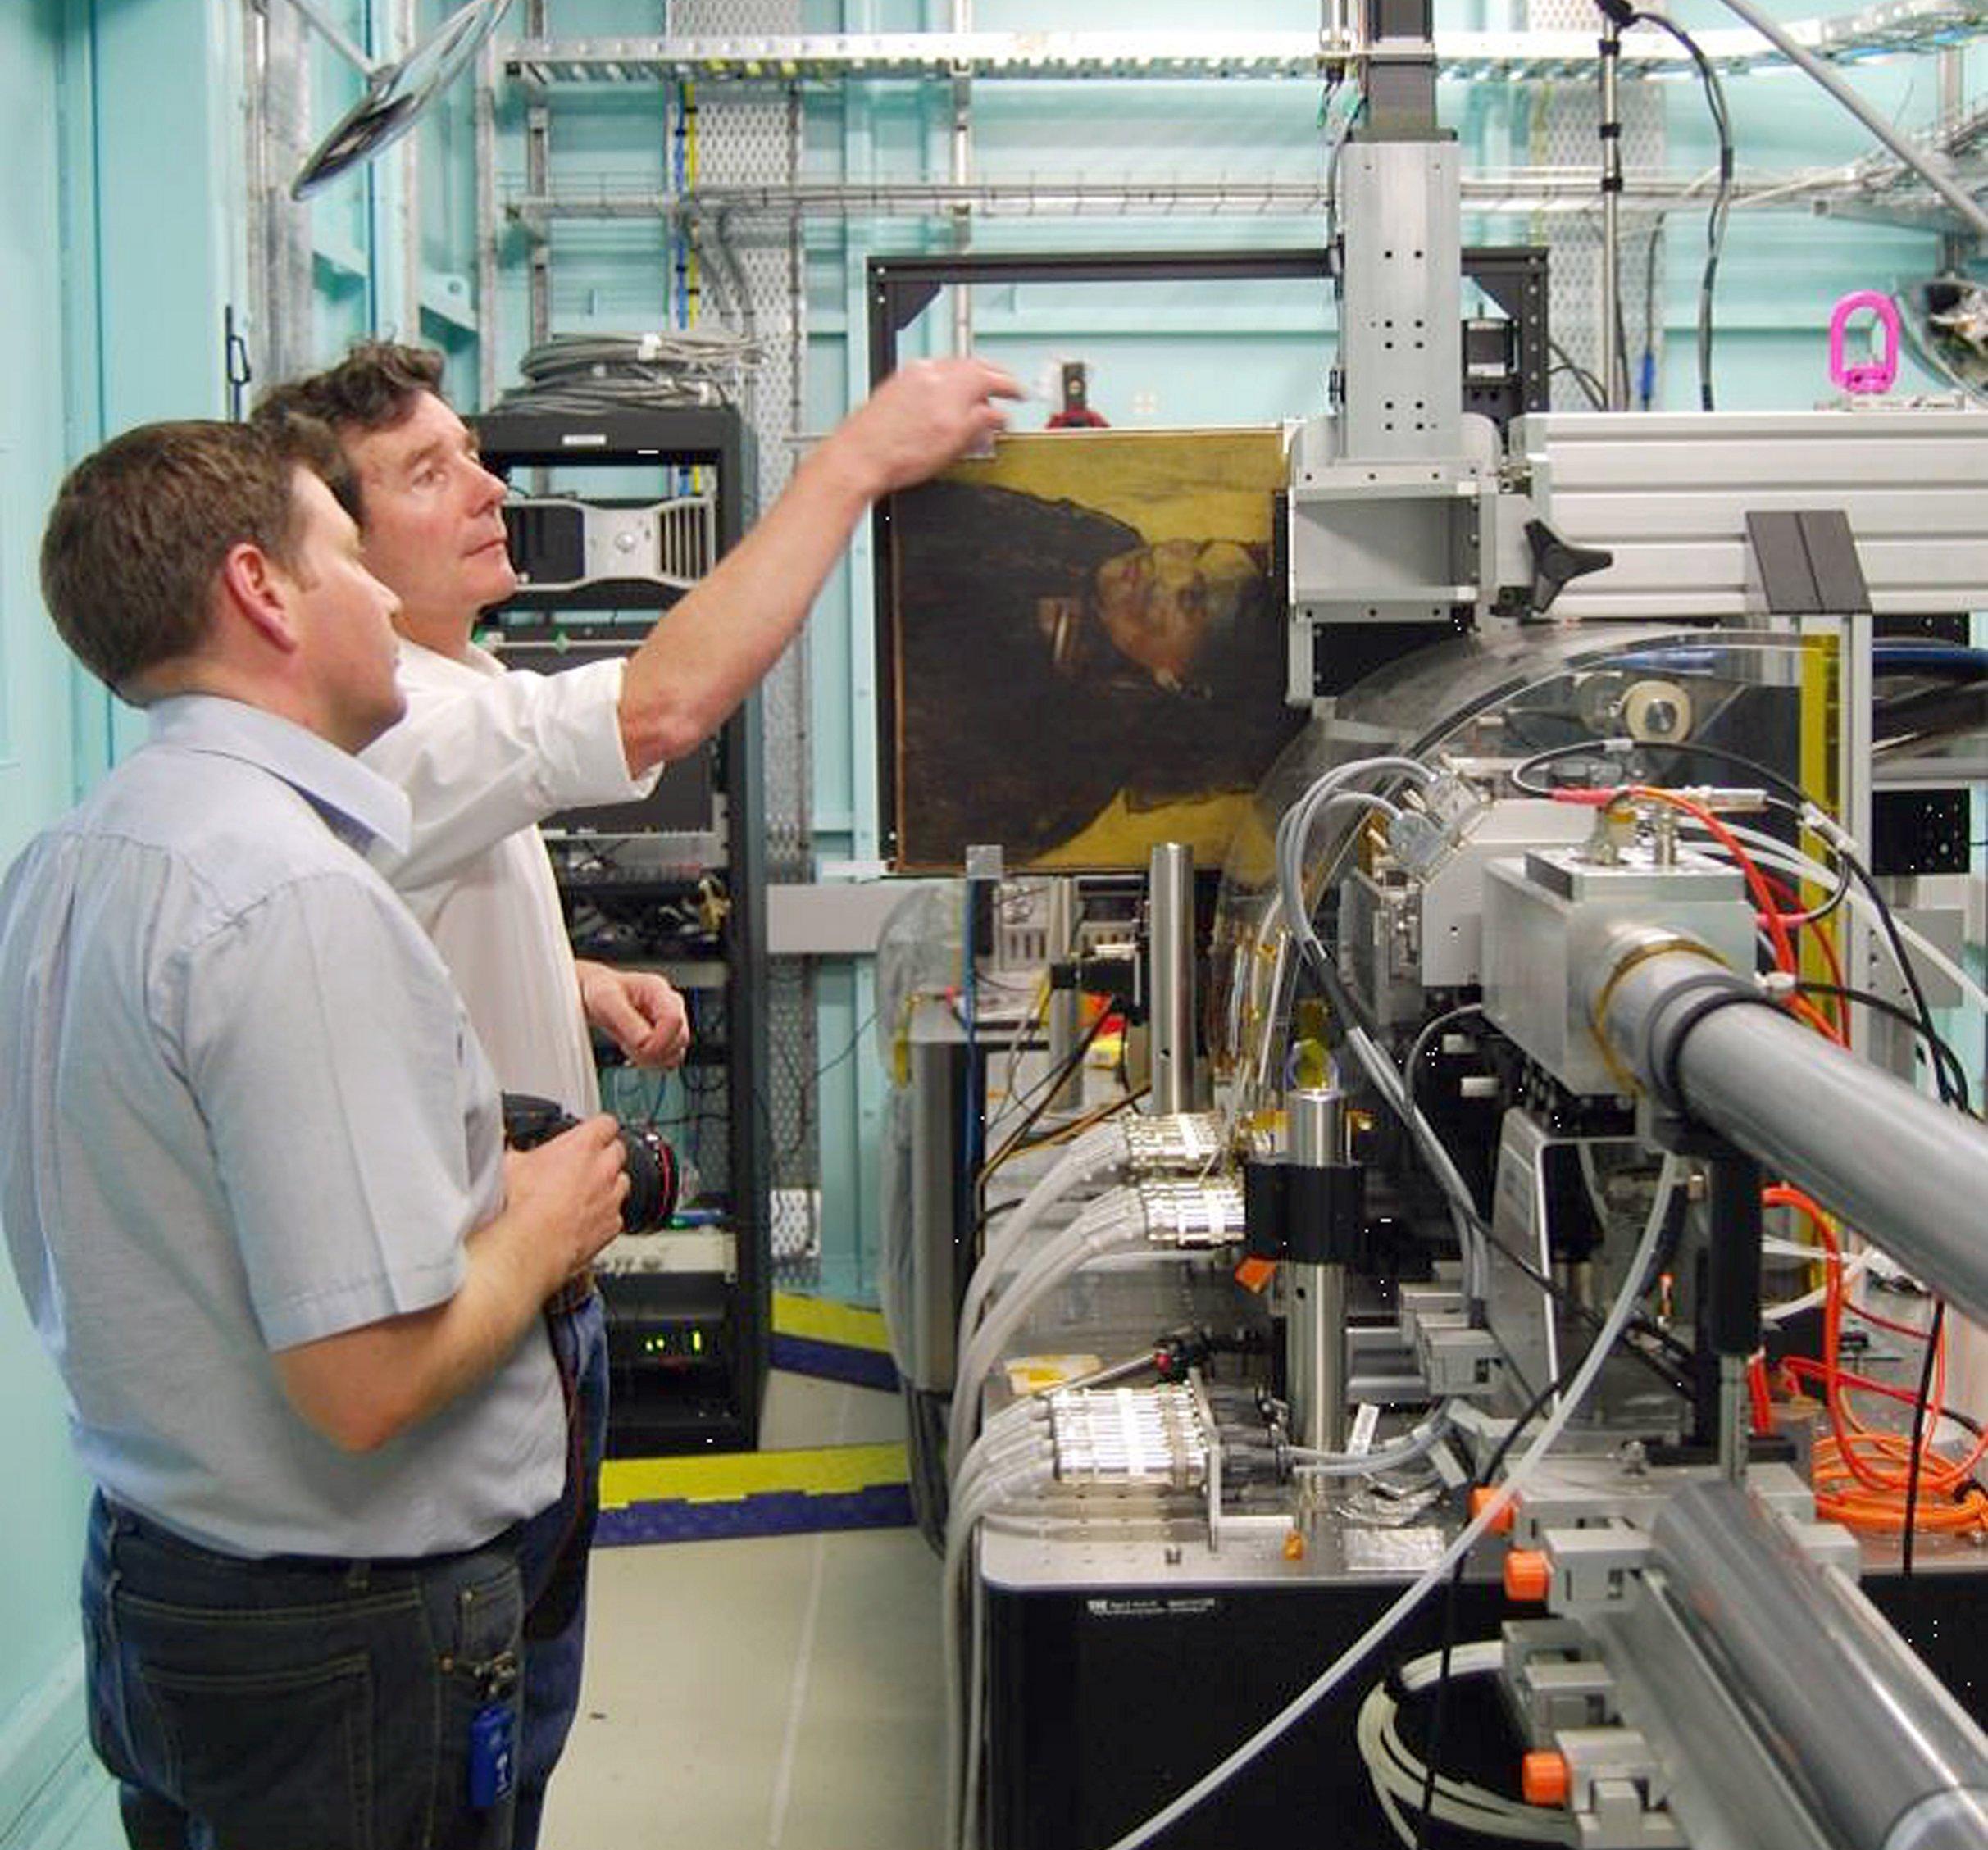 Die Forscher David Patterson and Daryl Howard bereiten die Bestrahlung des Gemäldes mit energiereichem Licht vor.